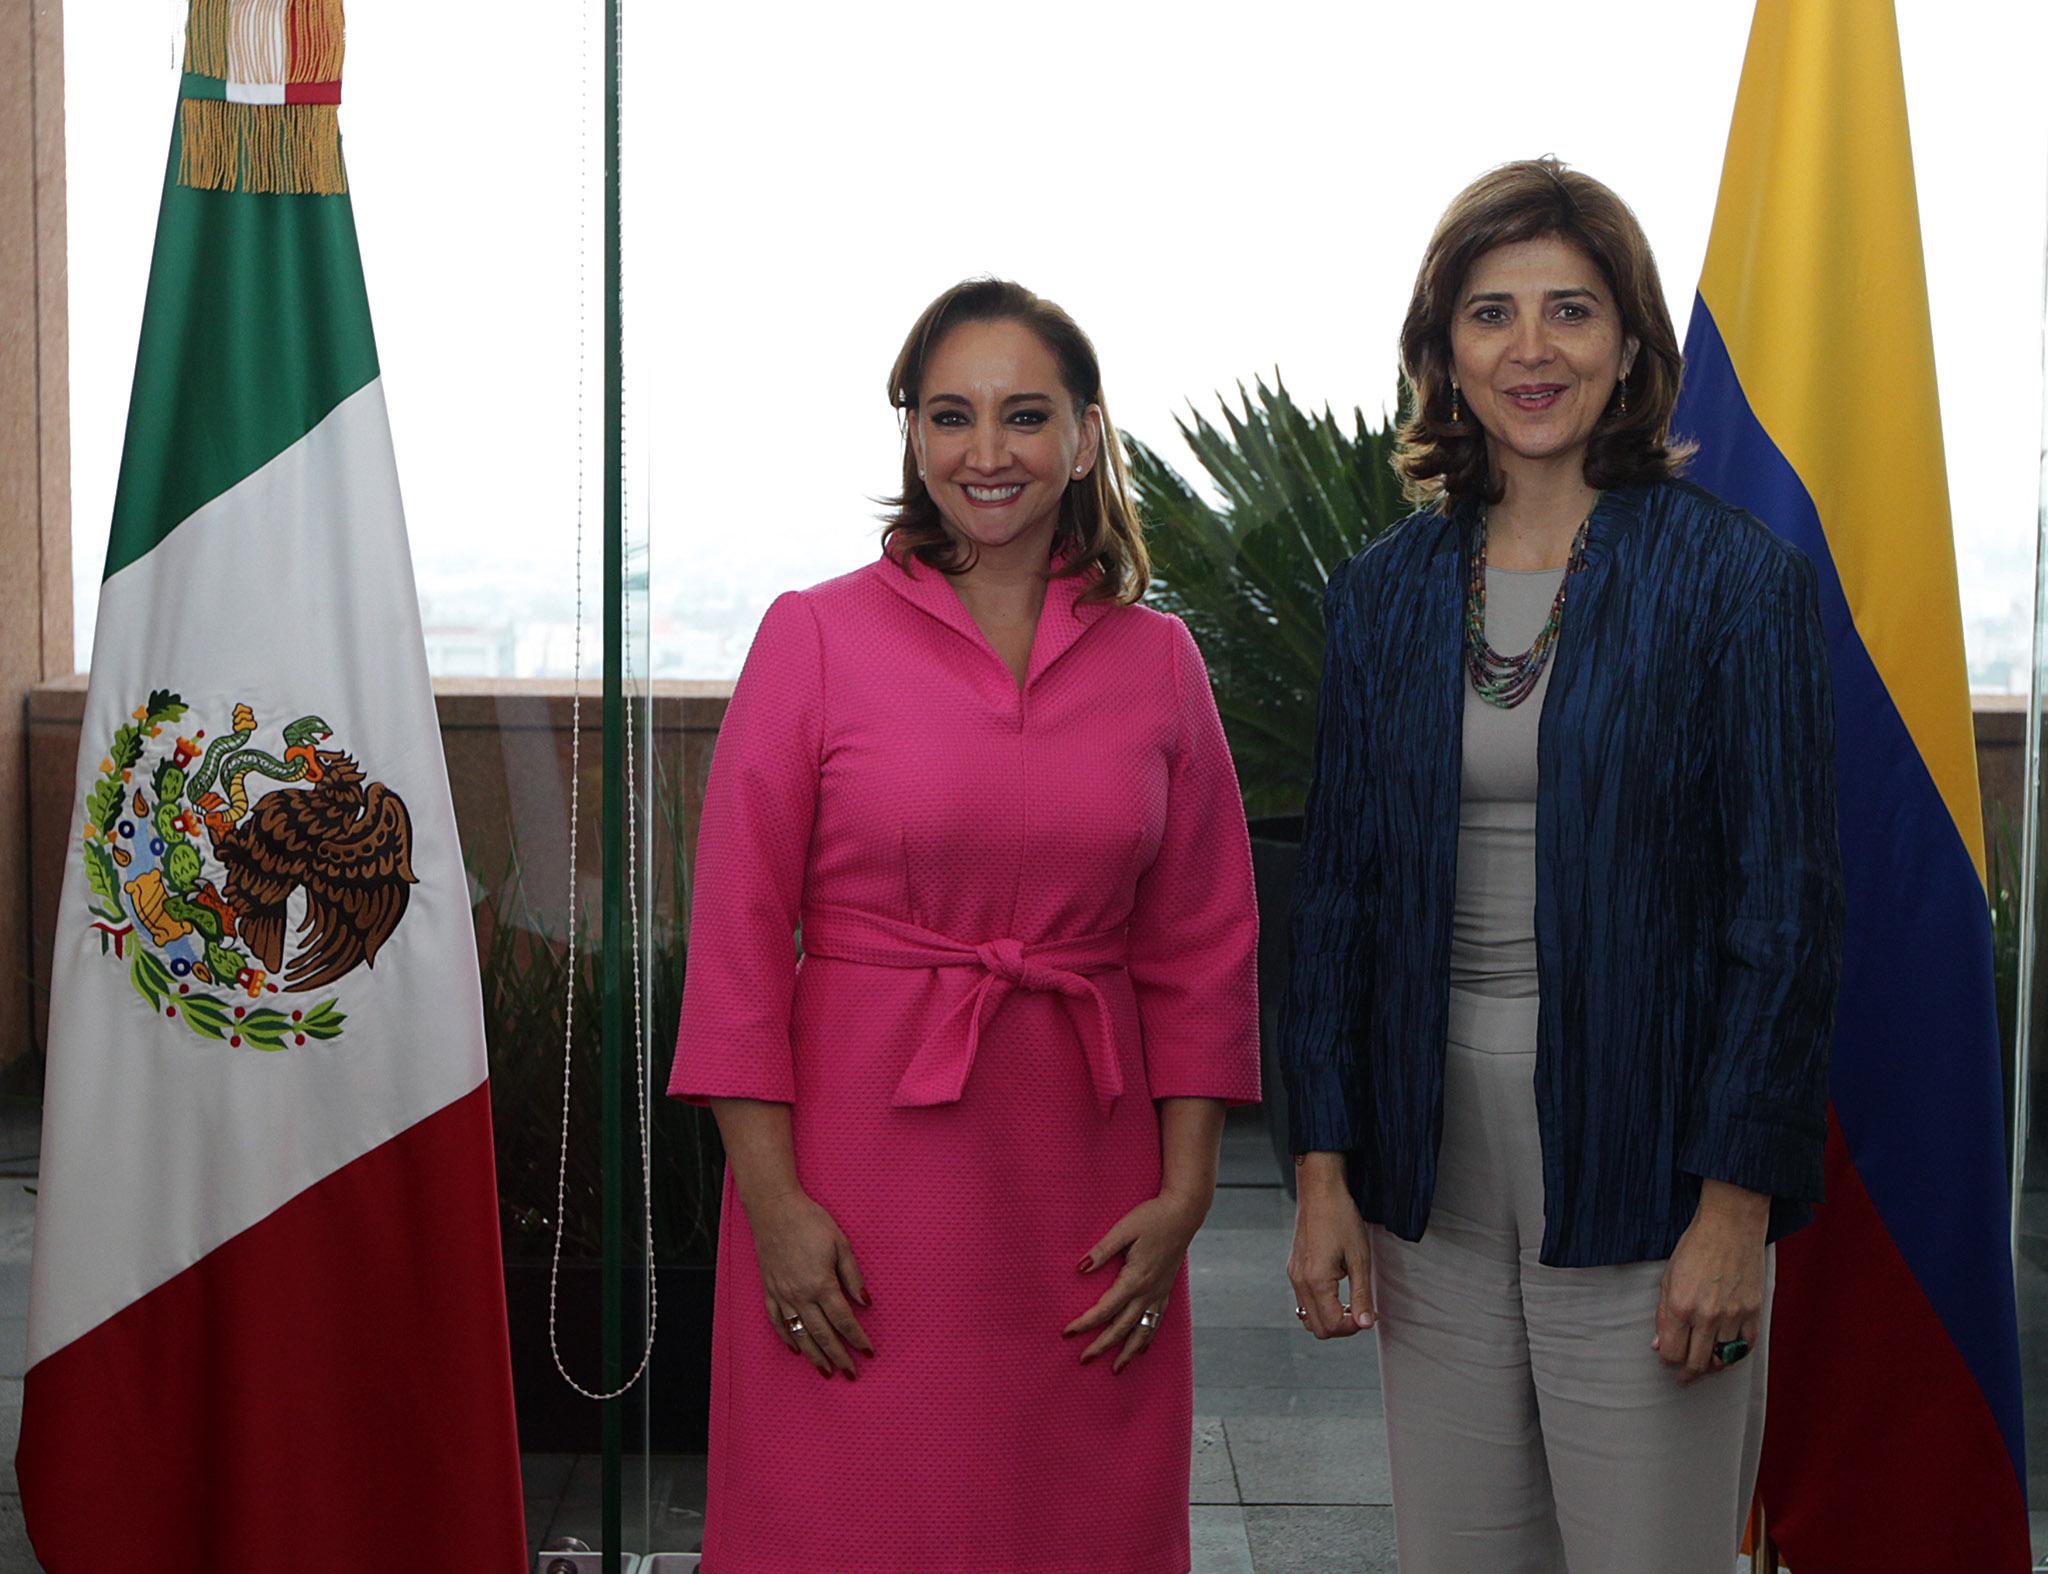 En el encuentro, ambas Cancilleres celebraron el excelente estado en el que se encuentra la relación bilateral y conversaron sobre los preparativos de la próxima Visita de Estado que realizará el Presidente Enrique Peña Nieto a Colombia, en el mes de octu